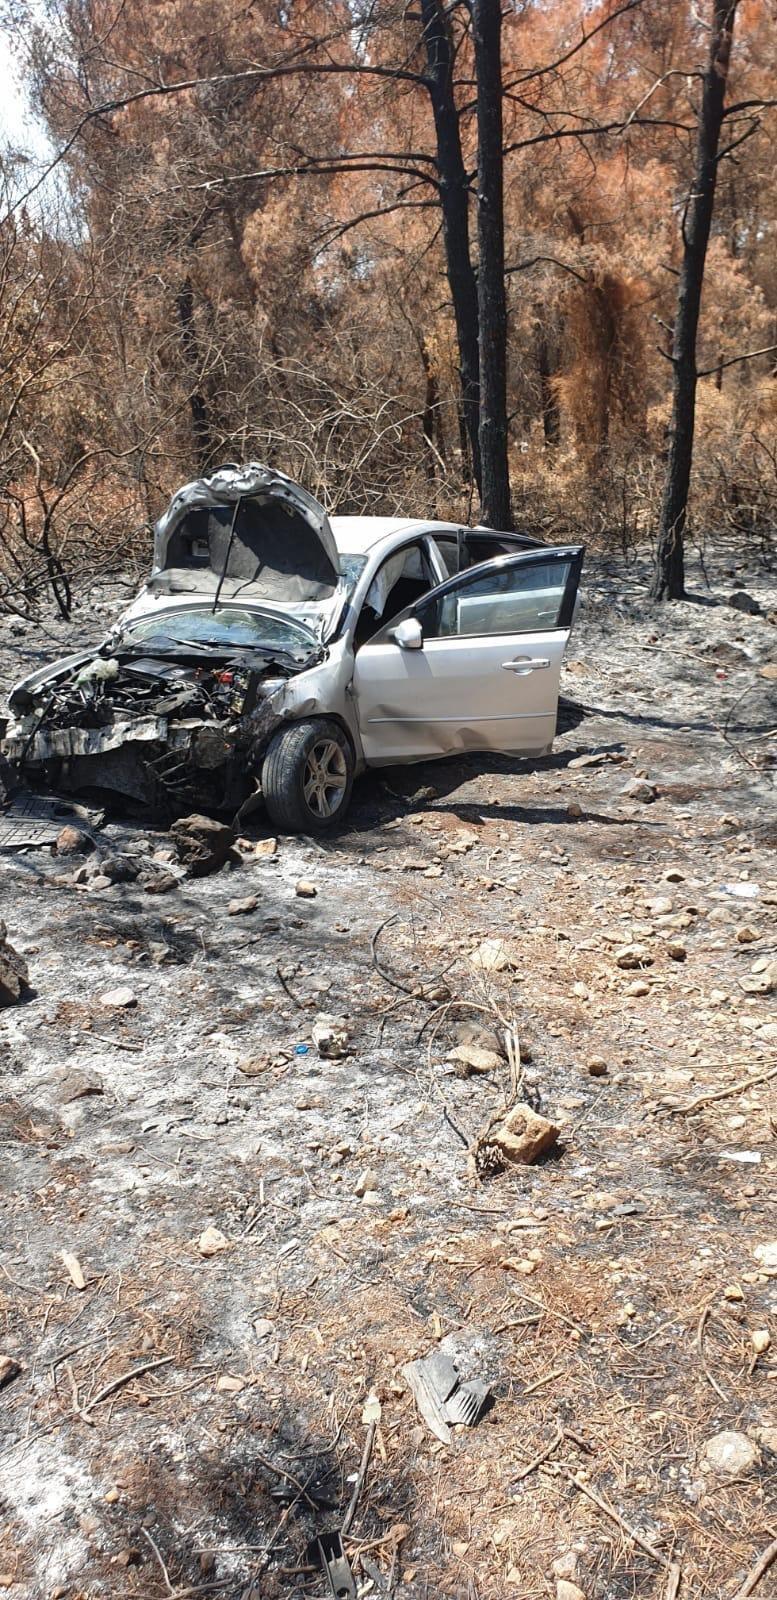 برطعة: اصابة امرأة ونجليها الاثنين في حادث طرق